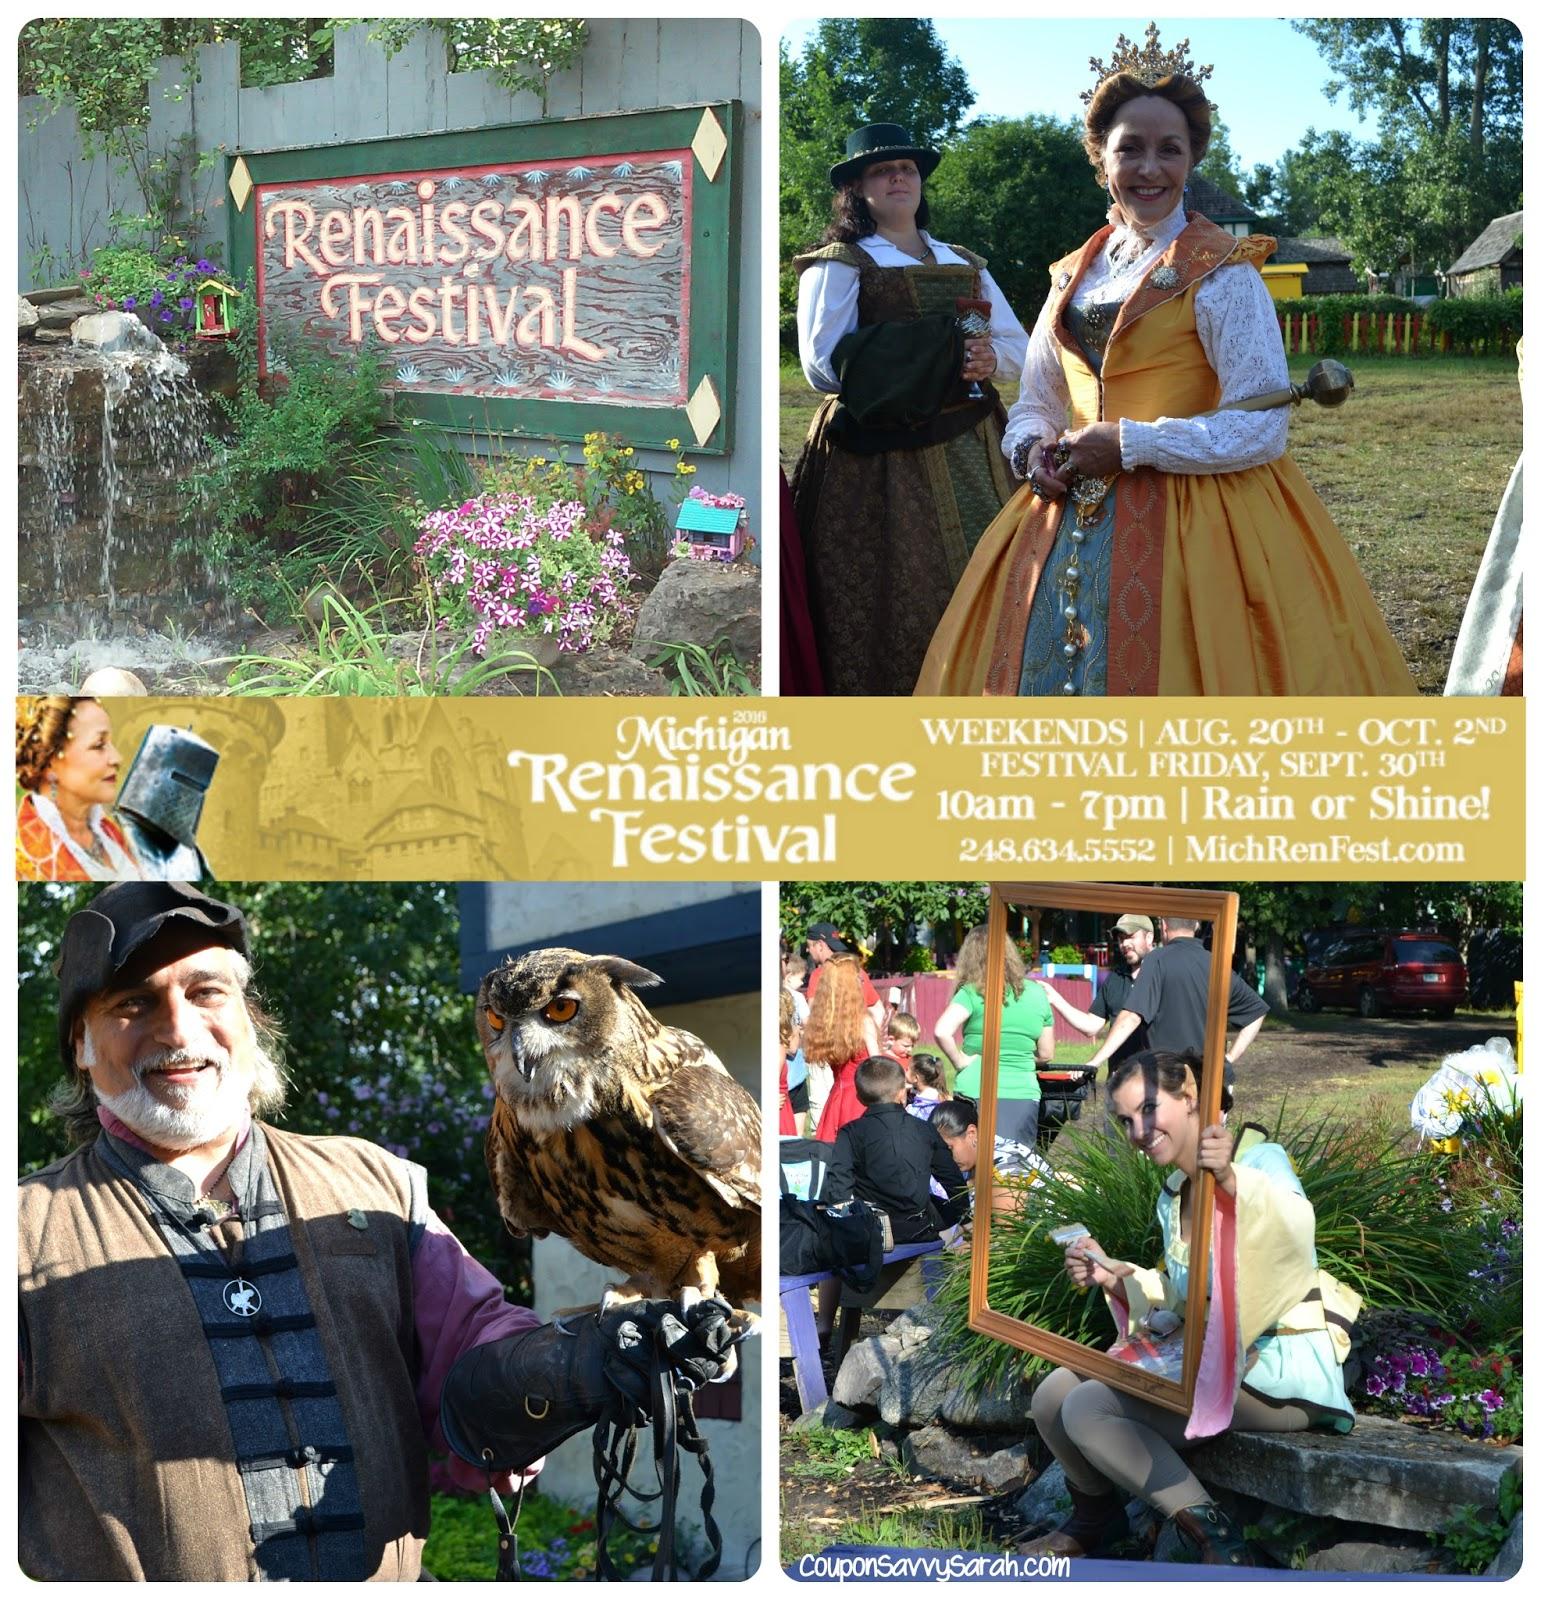 Renaissance festival discount coupons